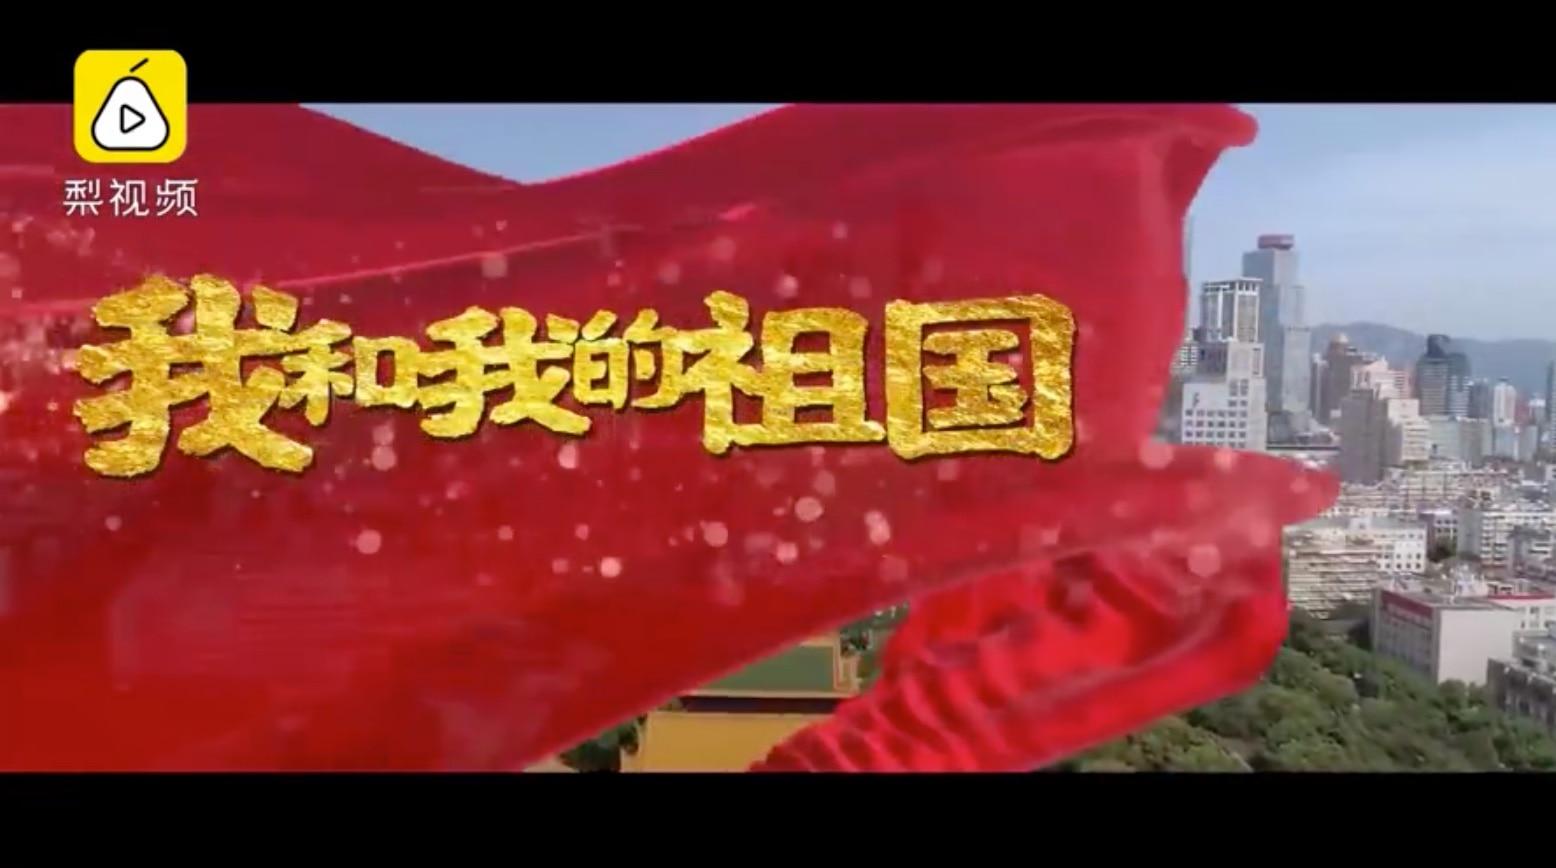 京剧+南京话rap版《我和我的祖国》插图1